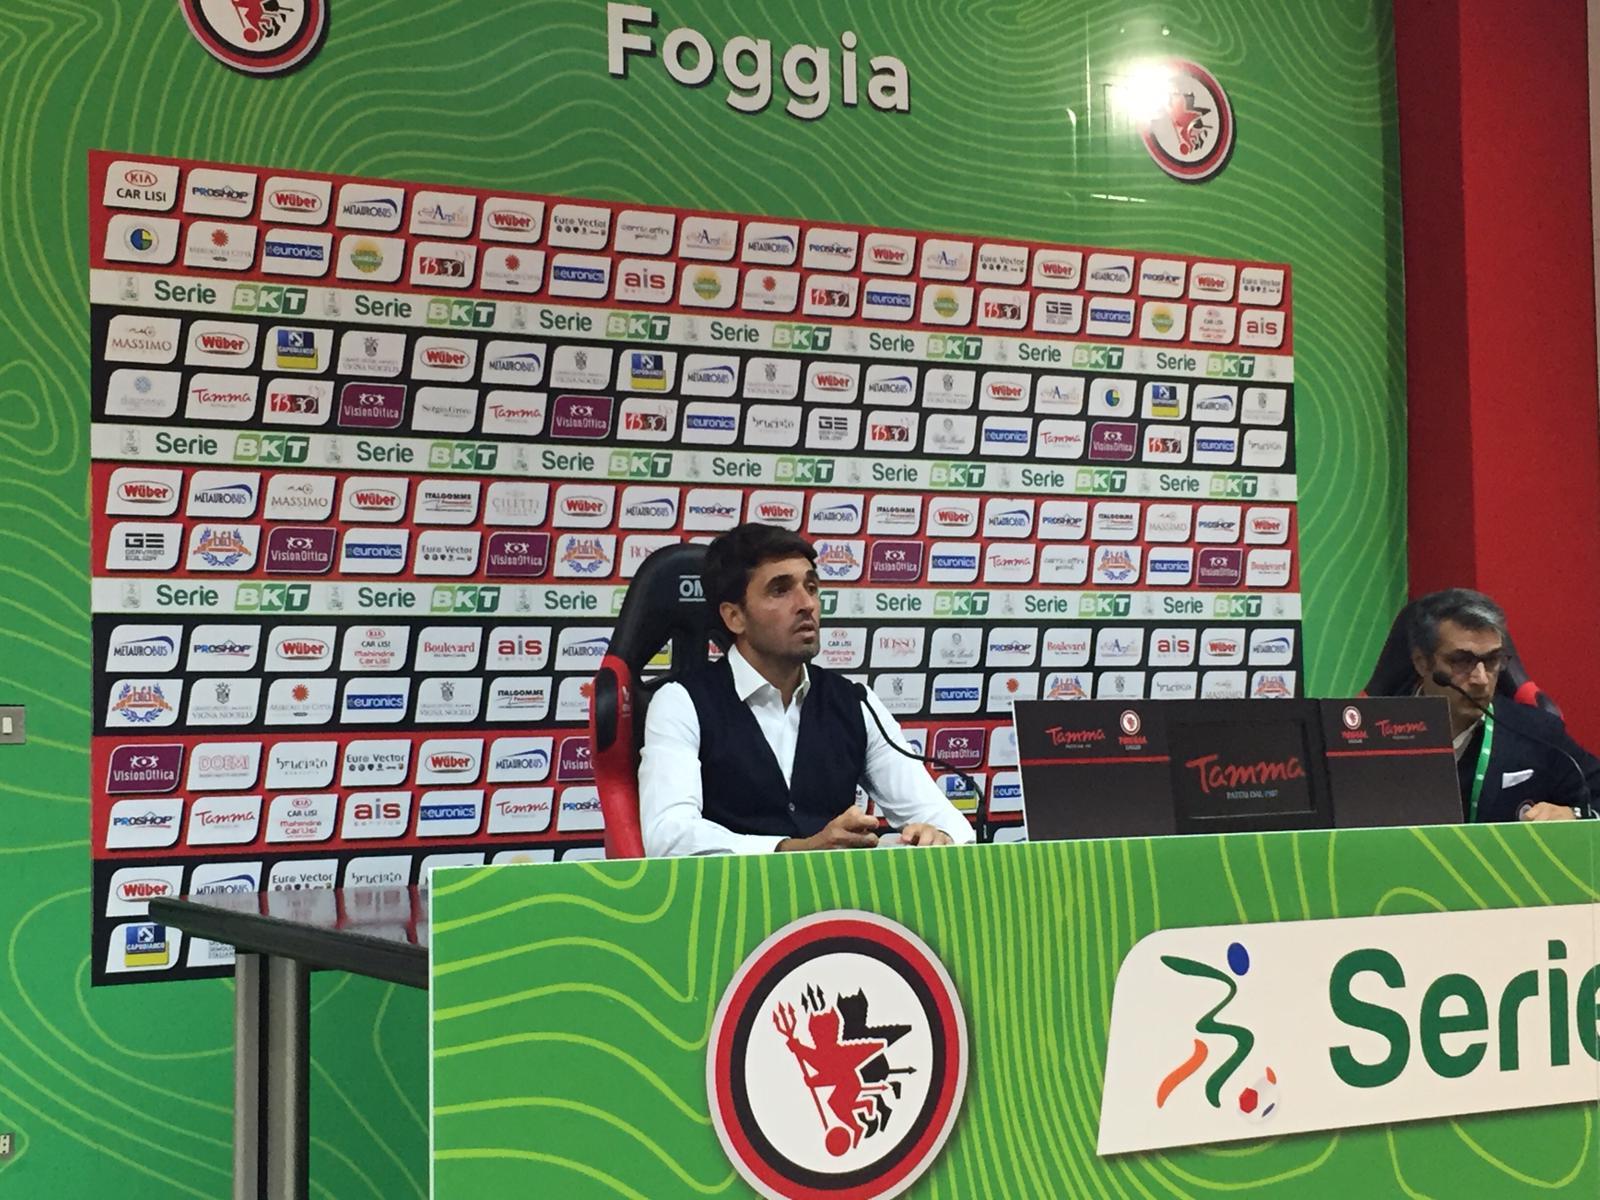 """Photo of Foggia, Grassadonia: """"Una battaglia vinta col cuore. Tifosi? Sono stupito, ci hanno fatto volare"""""""